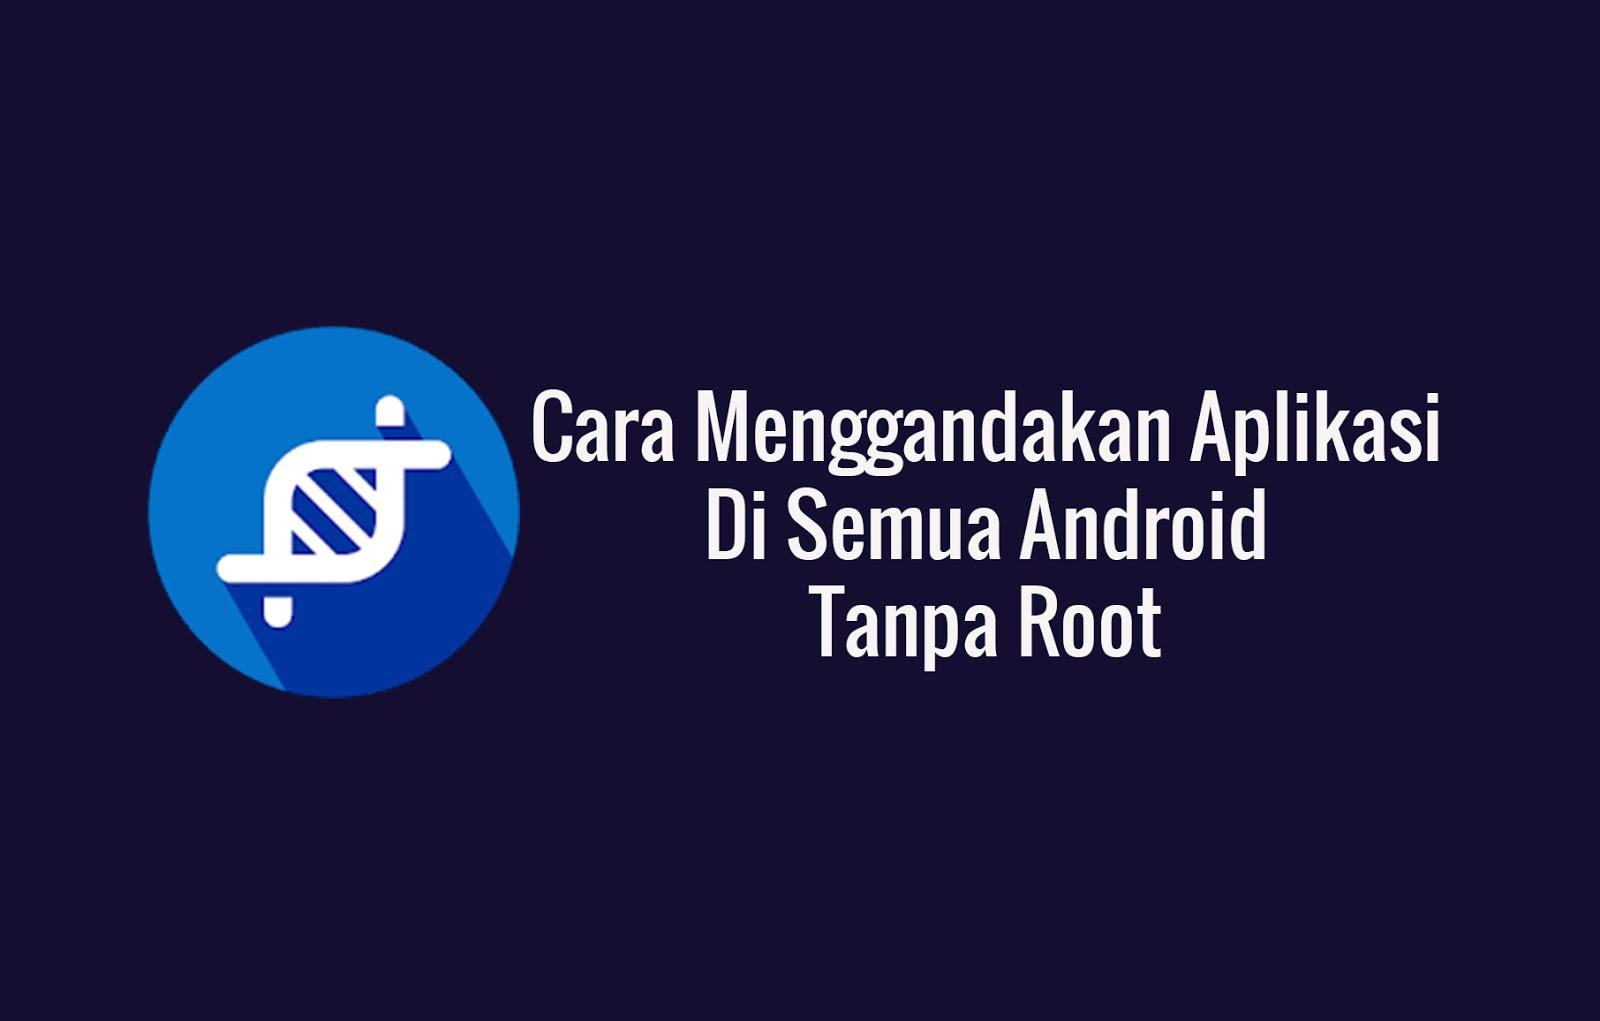 Cara Menggandakan Aplikasi Di Semua Android Tanpa Root